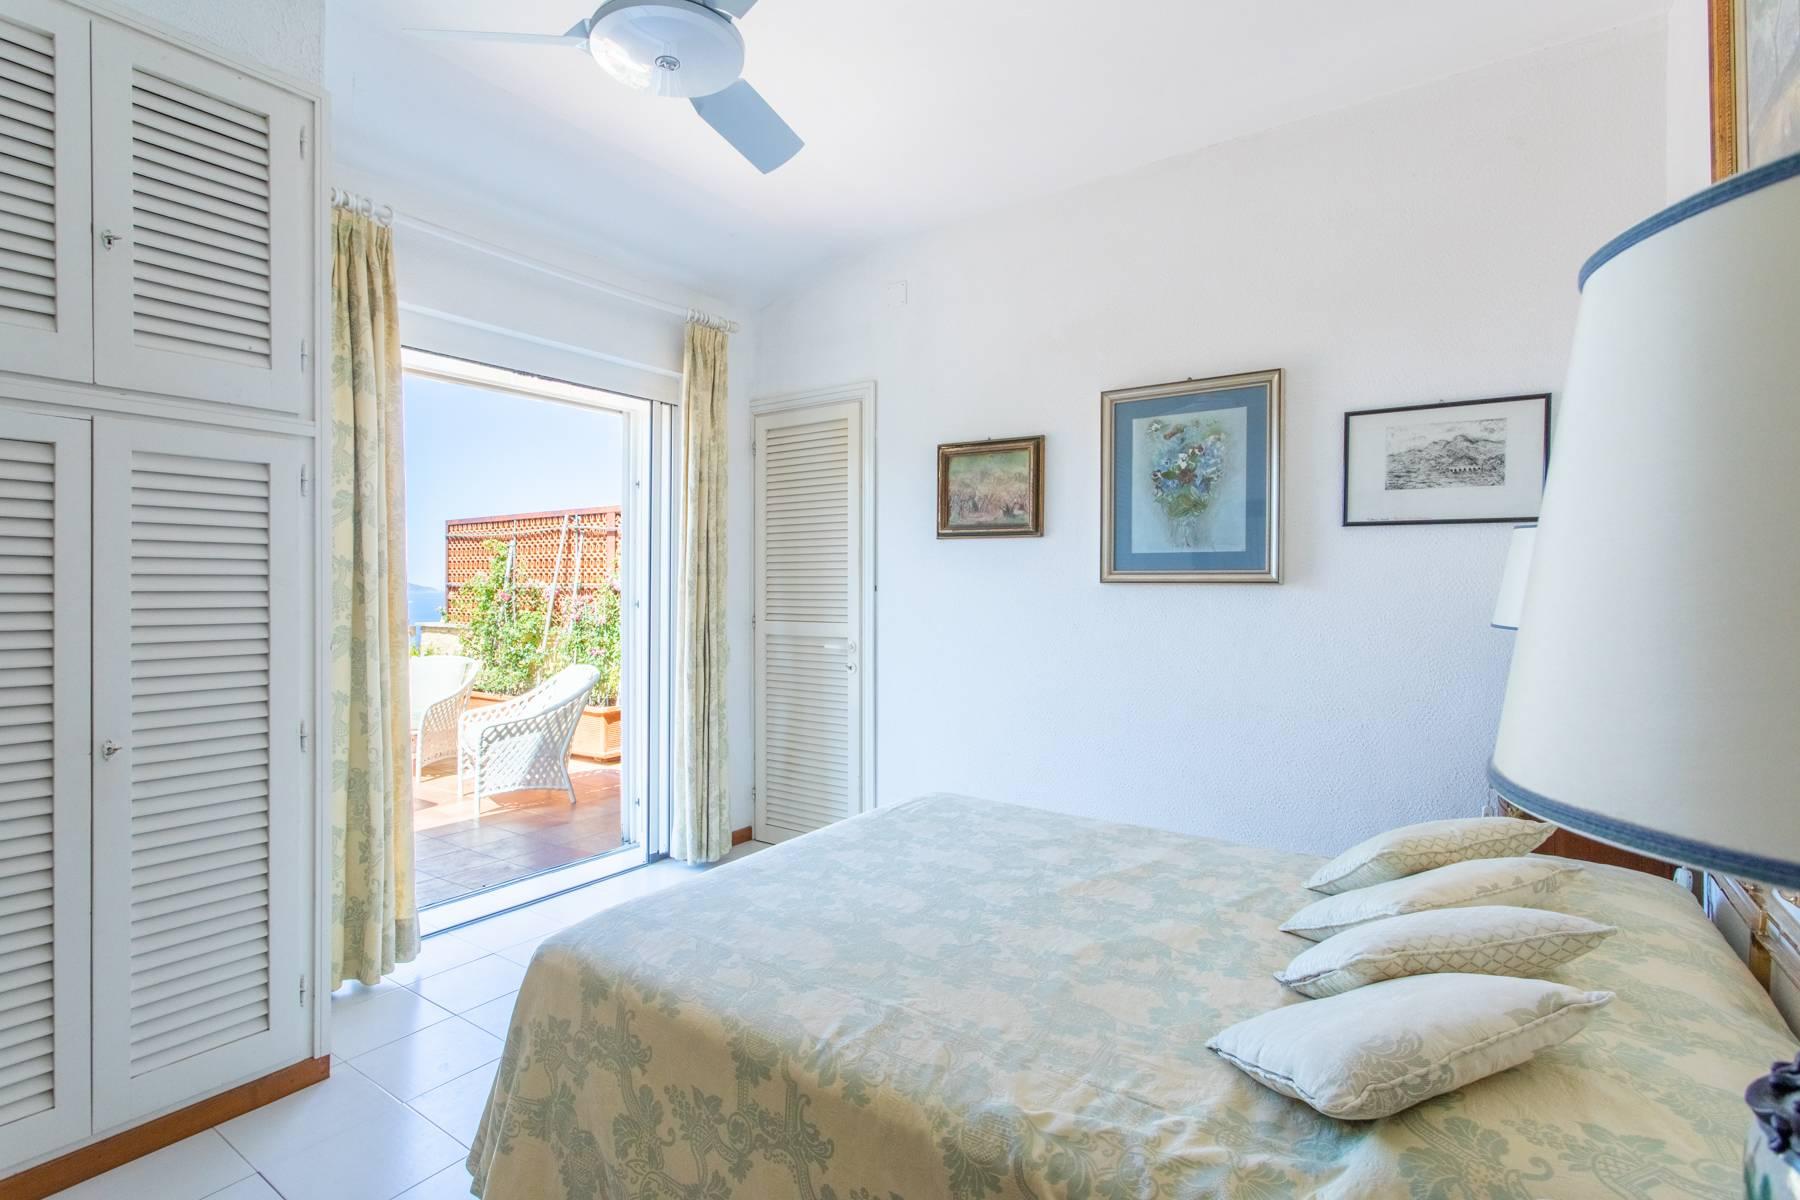 Casa indipendente in Vendita a Monte Argentario: 5 locali, 200 mq - Foto 24